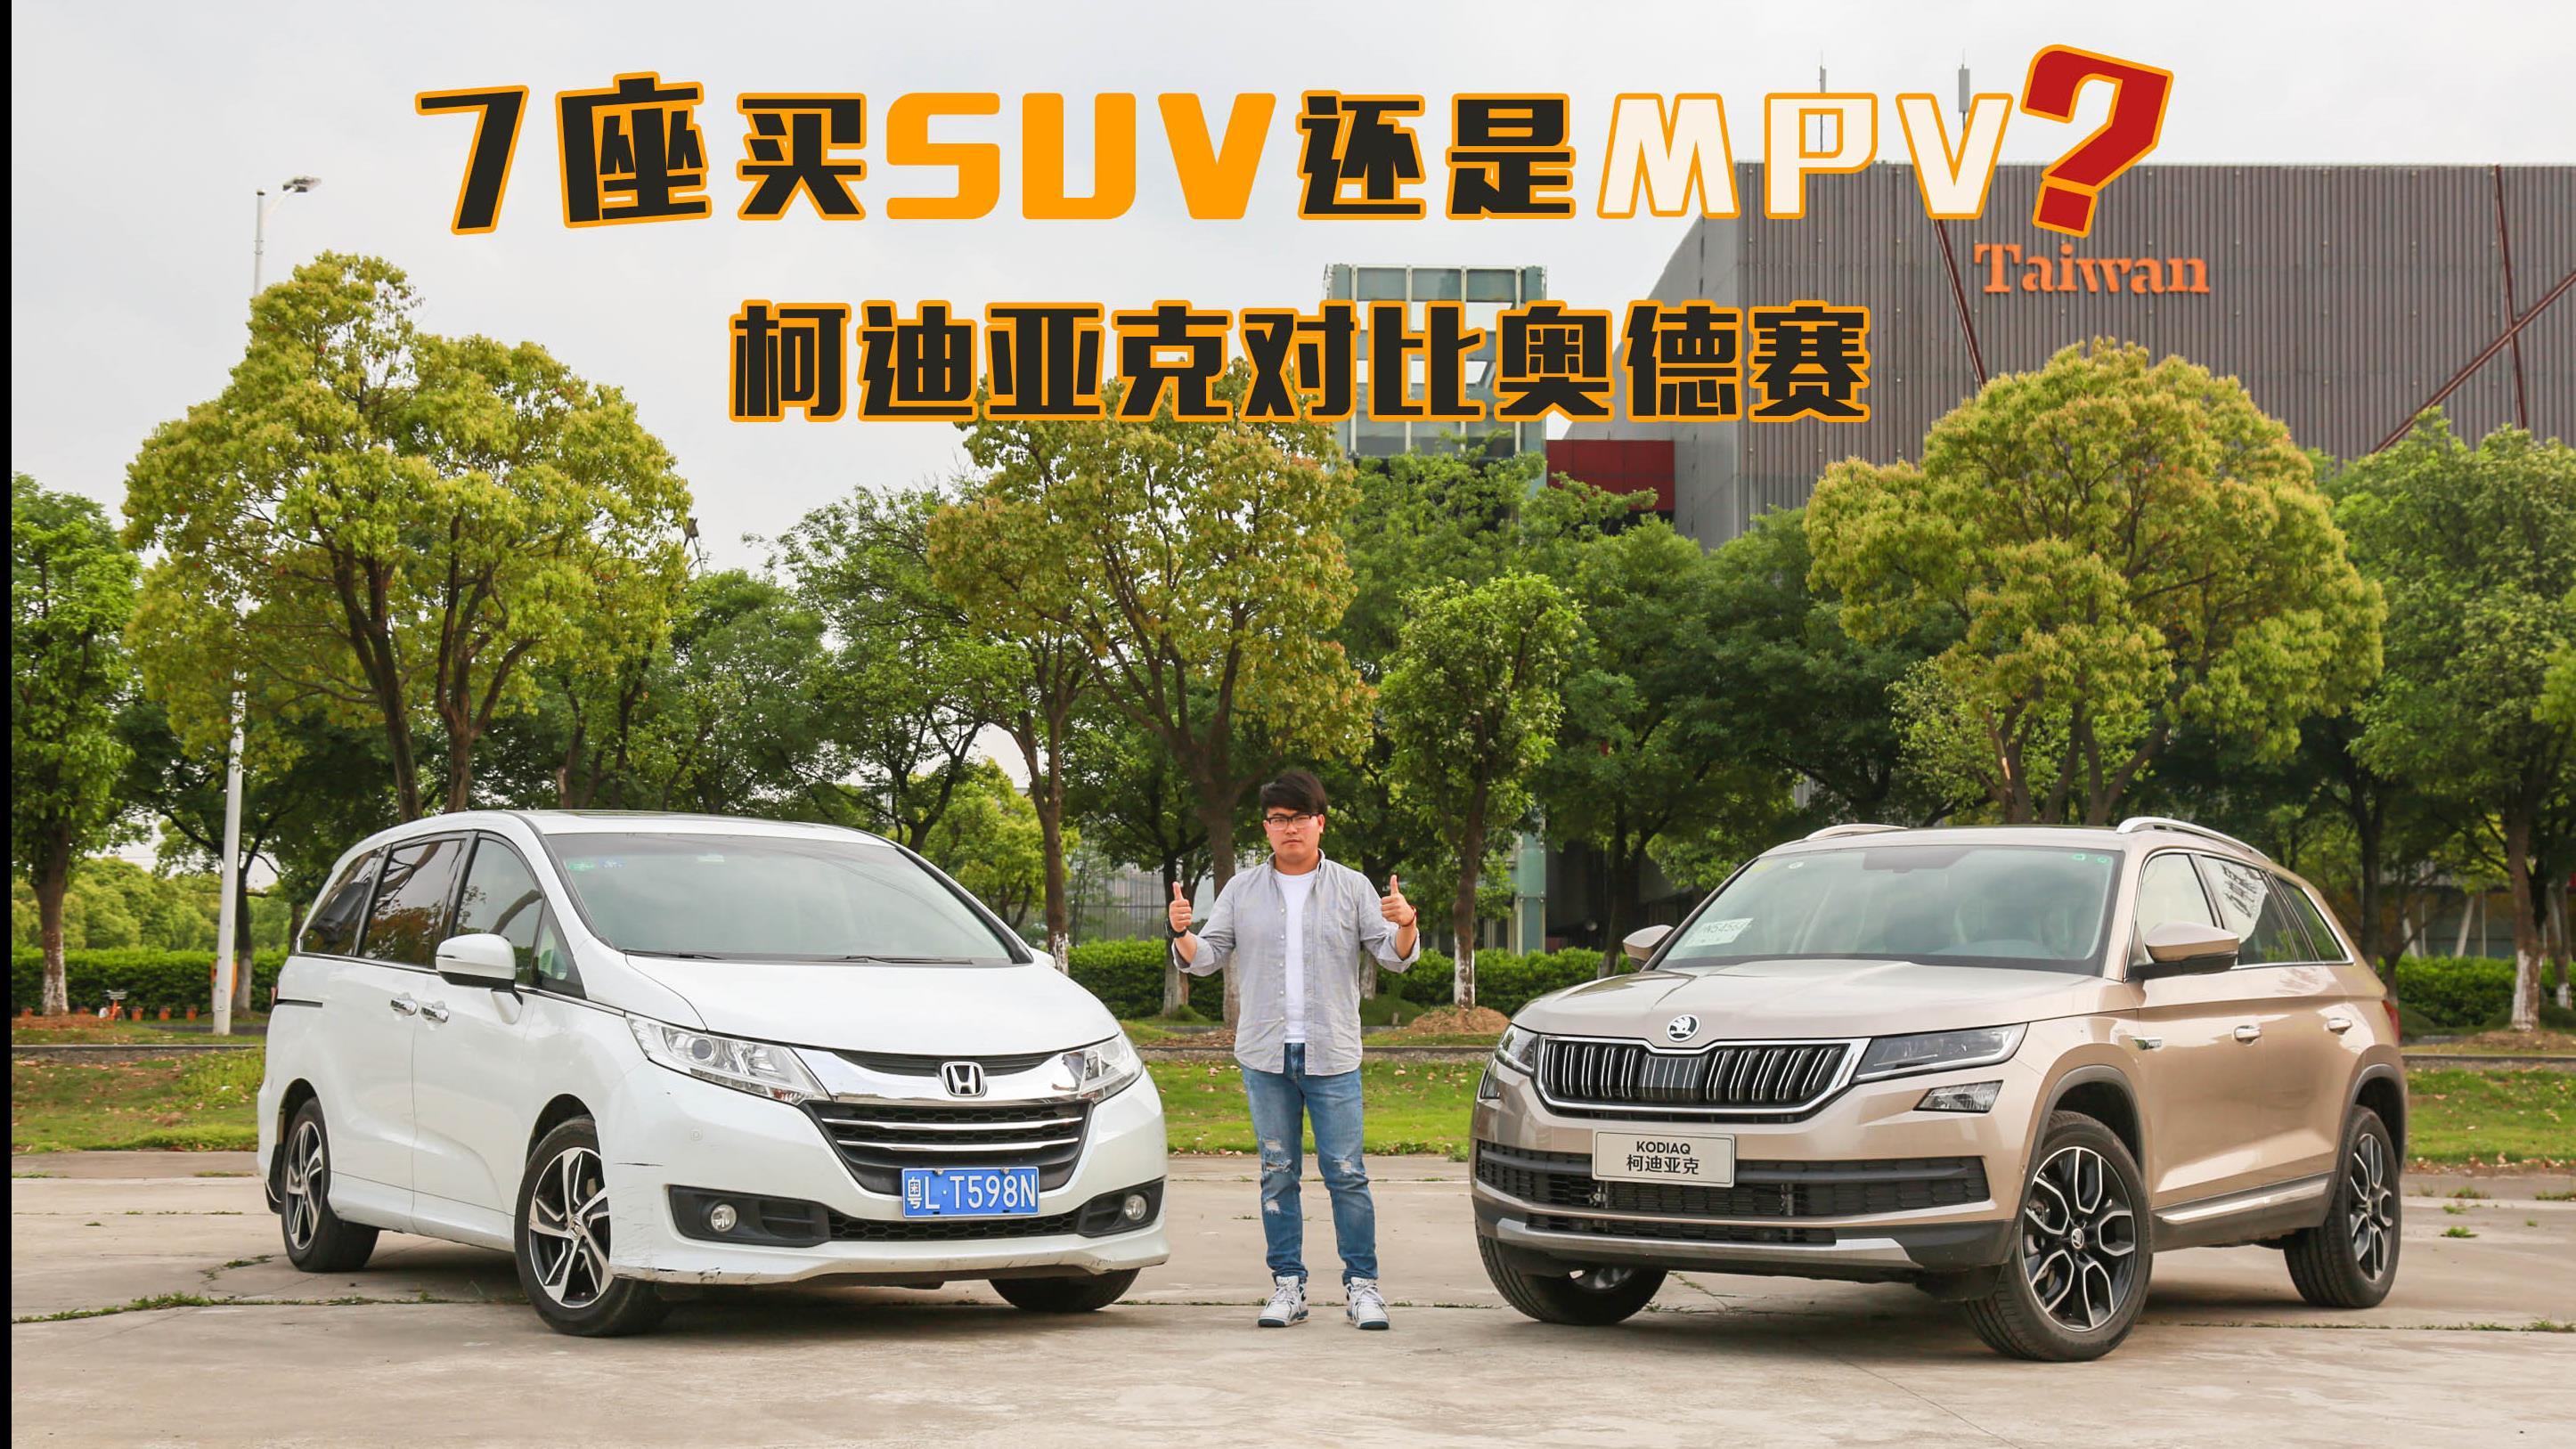 7座买SUV还是MPV?柯迪亚克对比奥德赛